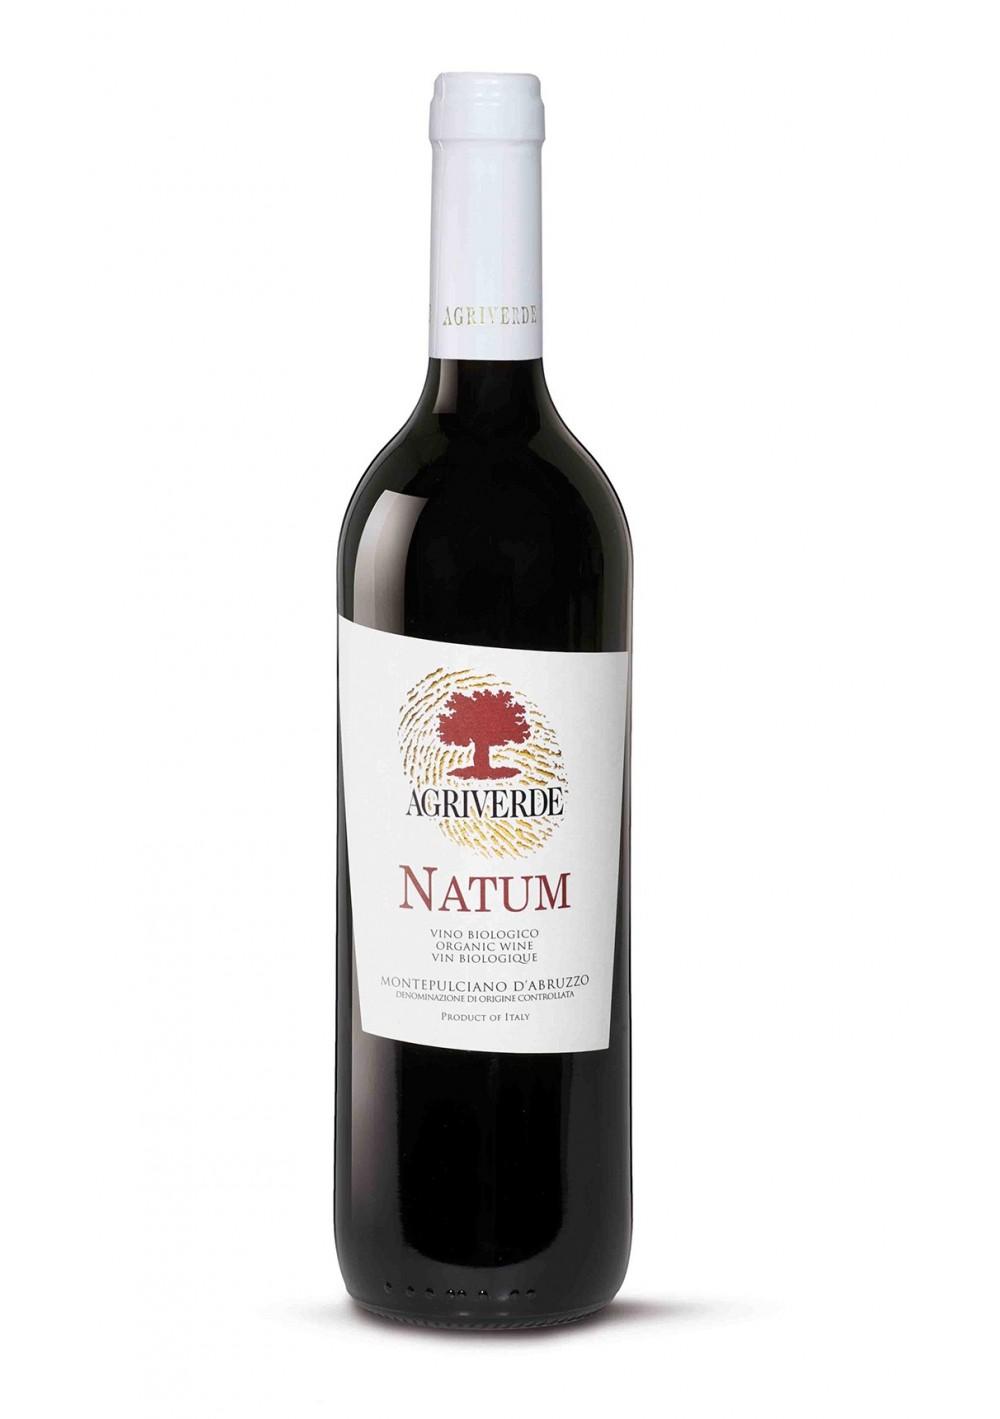 Natum, Montepulciano DOC Bio_Vegan - Agriverde